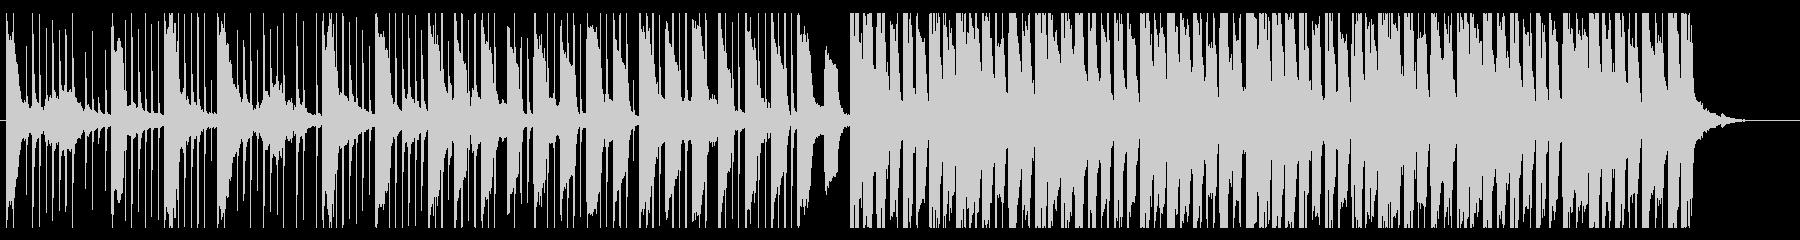 浮遊感/優しさ_No417_2の未再生の波形